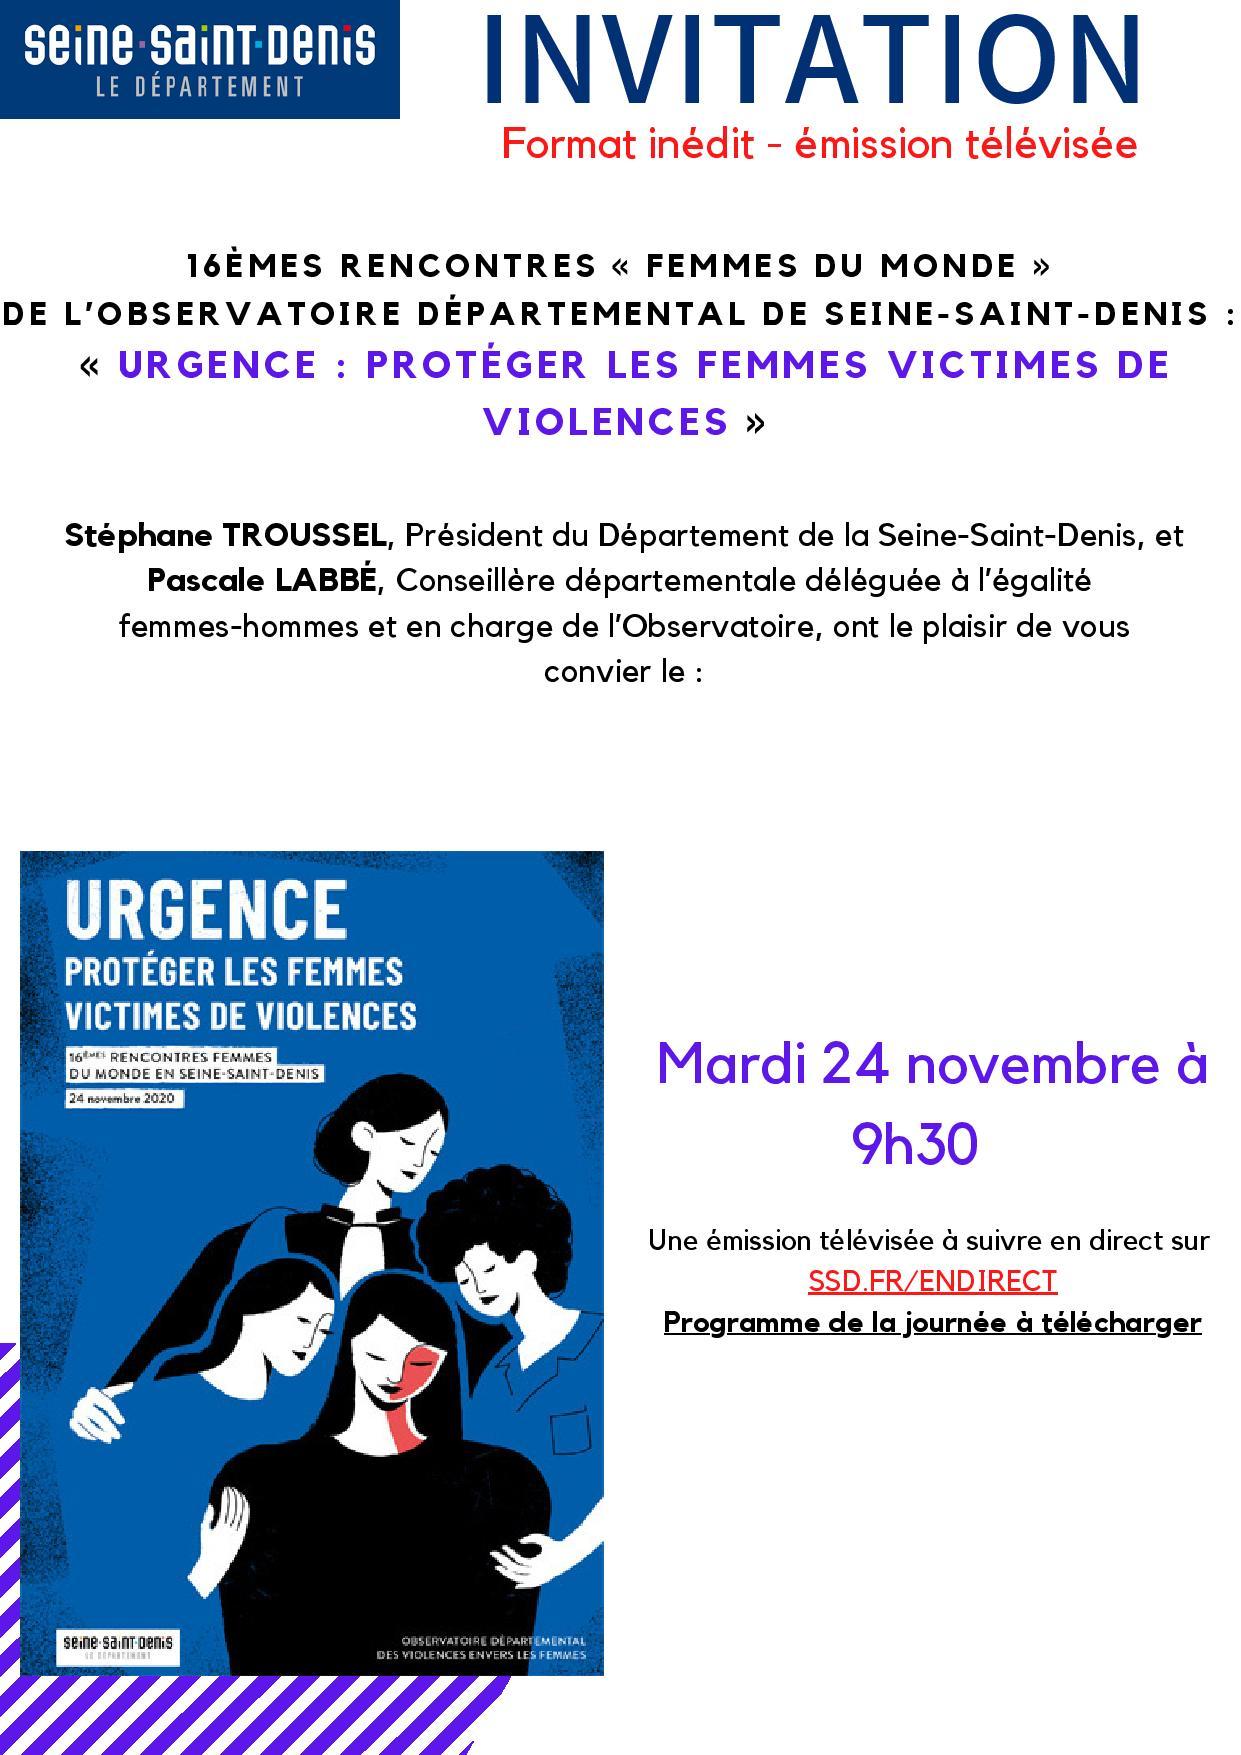 Invitation_-_Rencontres_de_l_observatoir_e_départemental_de_Seine-Saint-Denis-page-001.jpg